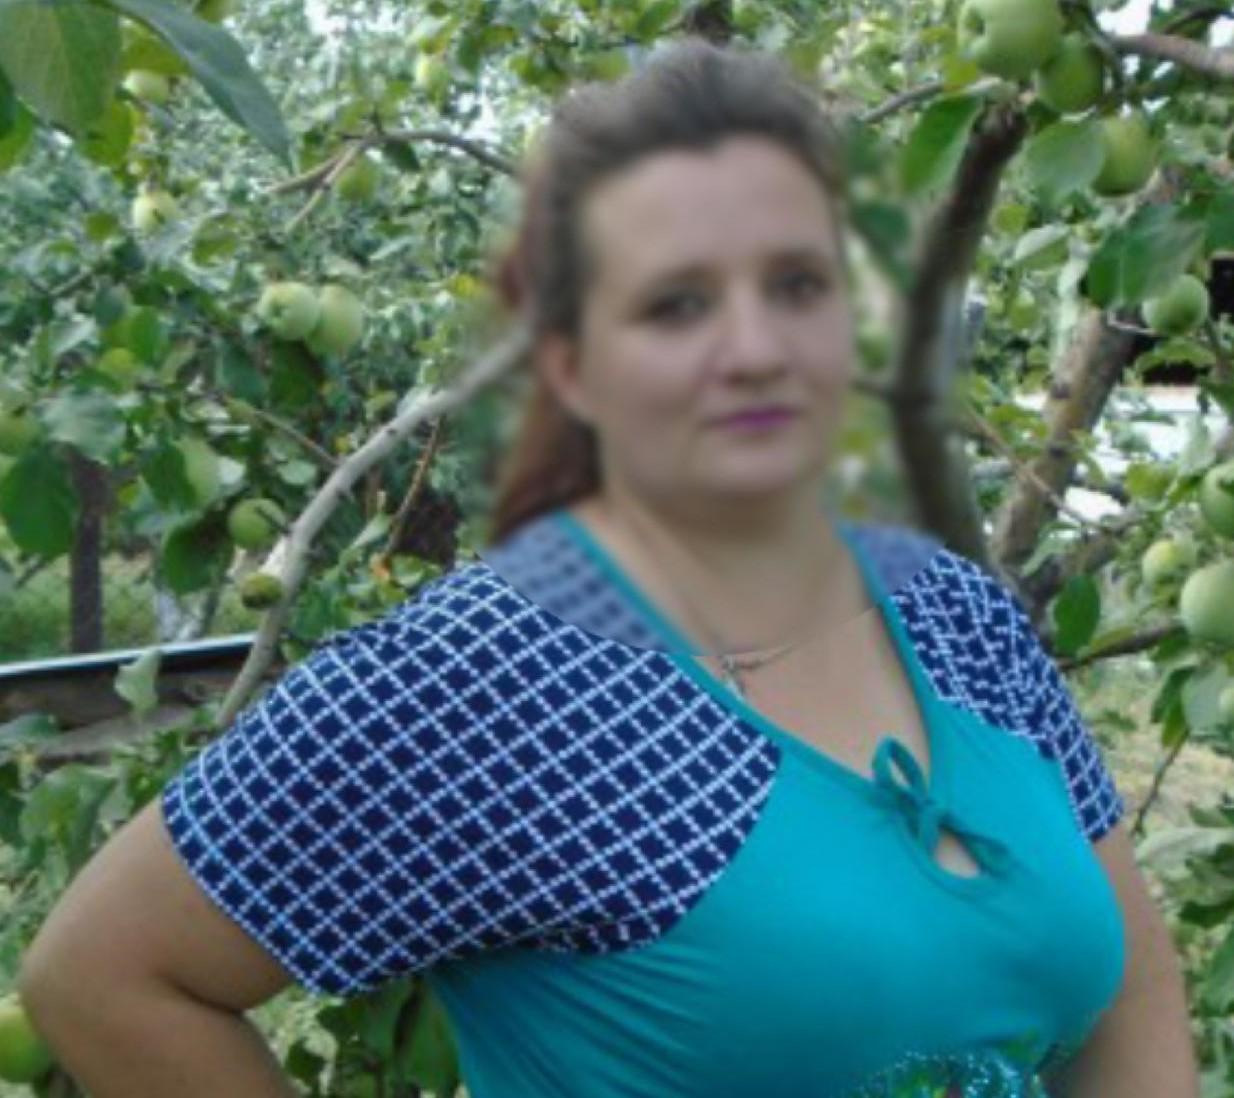 Борцова Наталья Львовна, 34 года